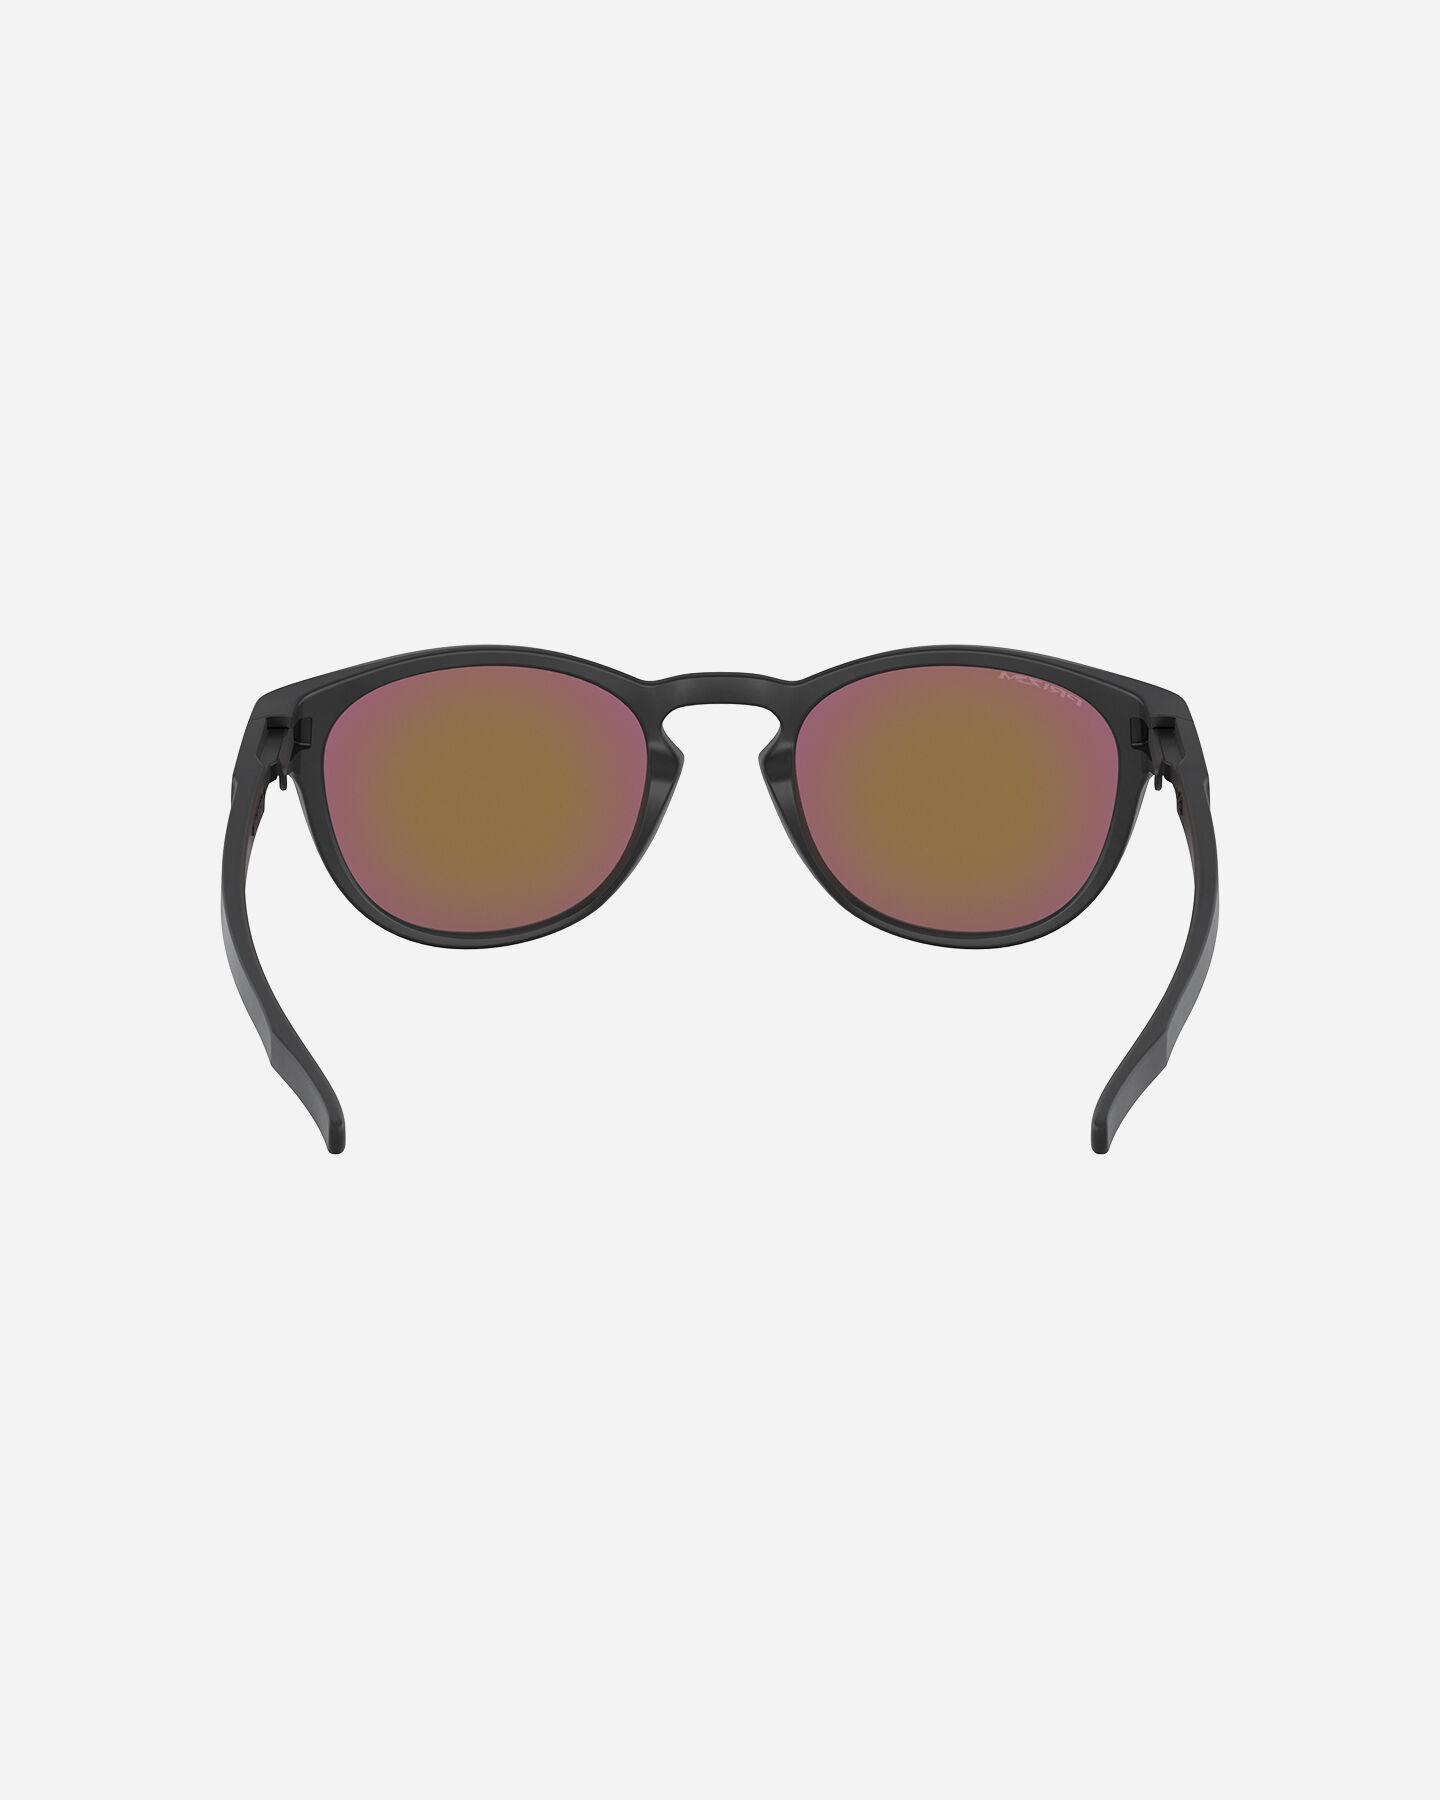 Occhiali OAKLEY LATCH S5262403|5553|53 scatto 2